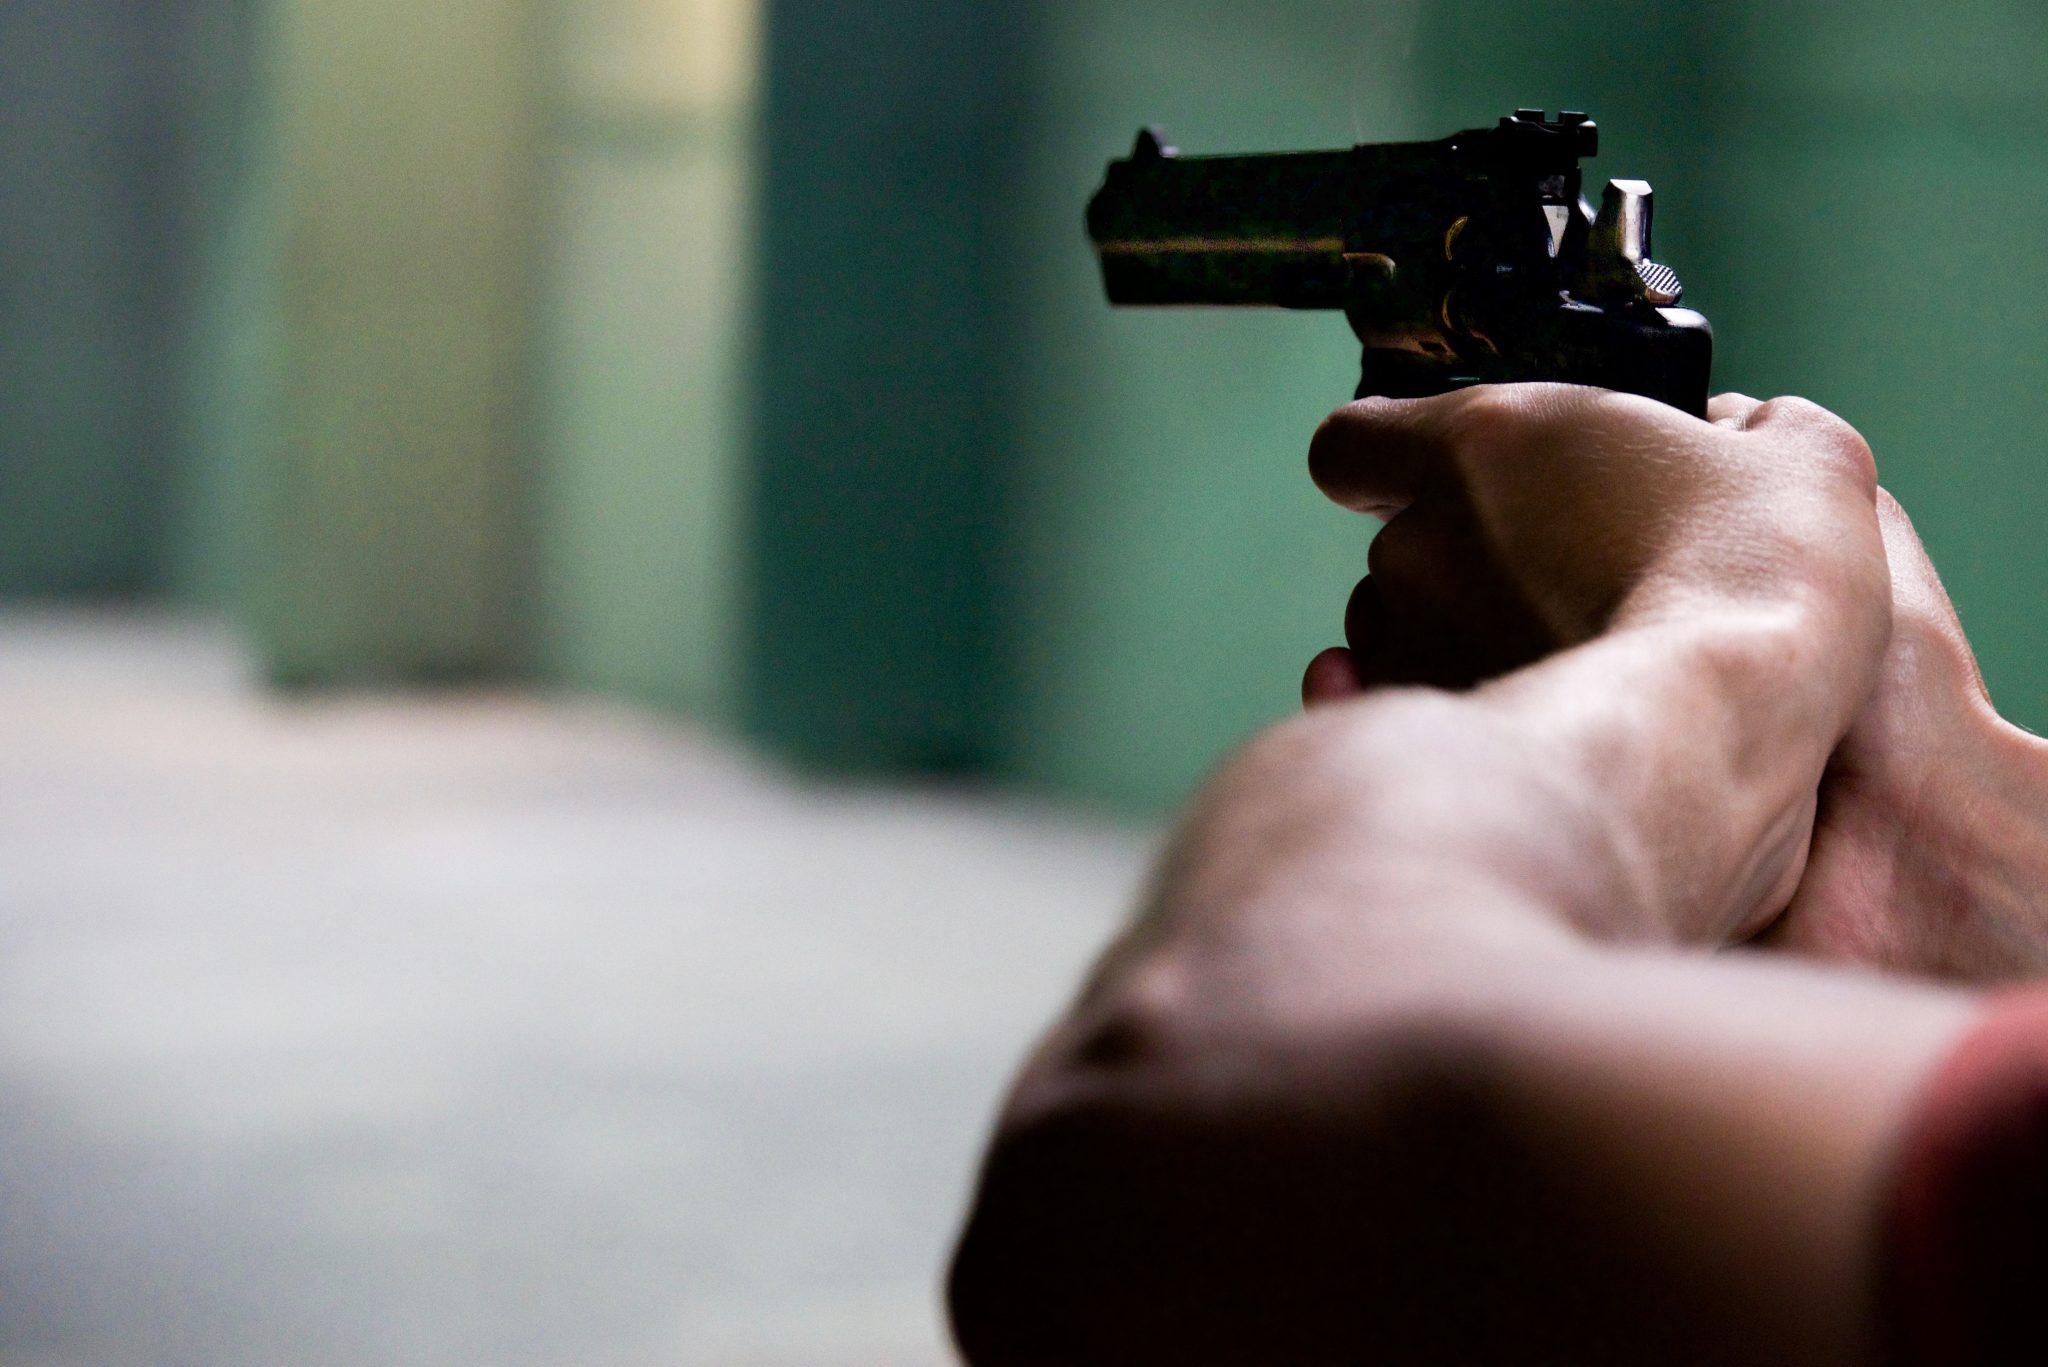 Politi trak pistol mod 12-årig dreng på gaden